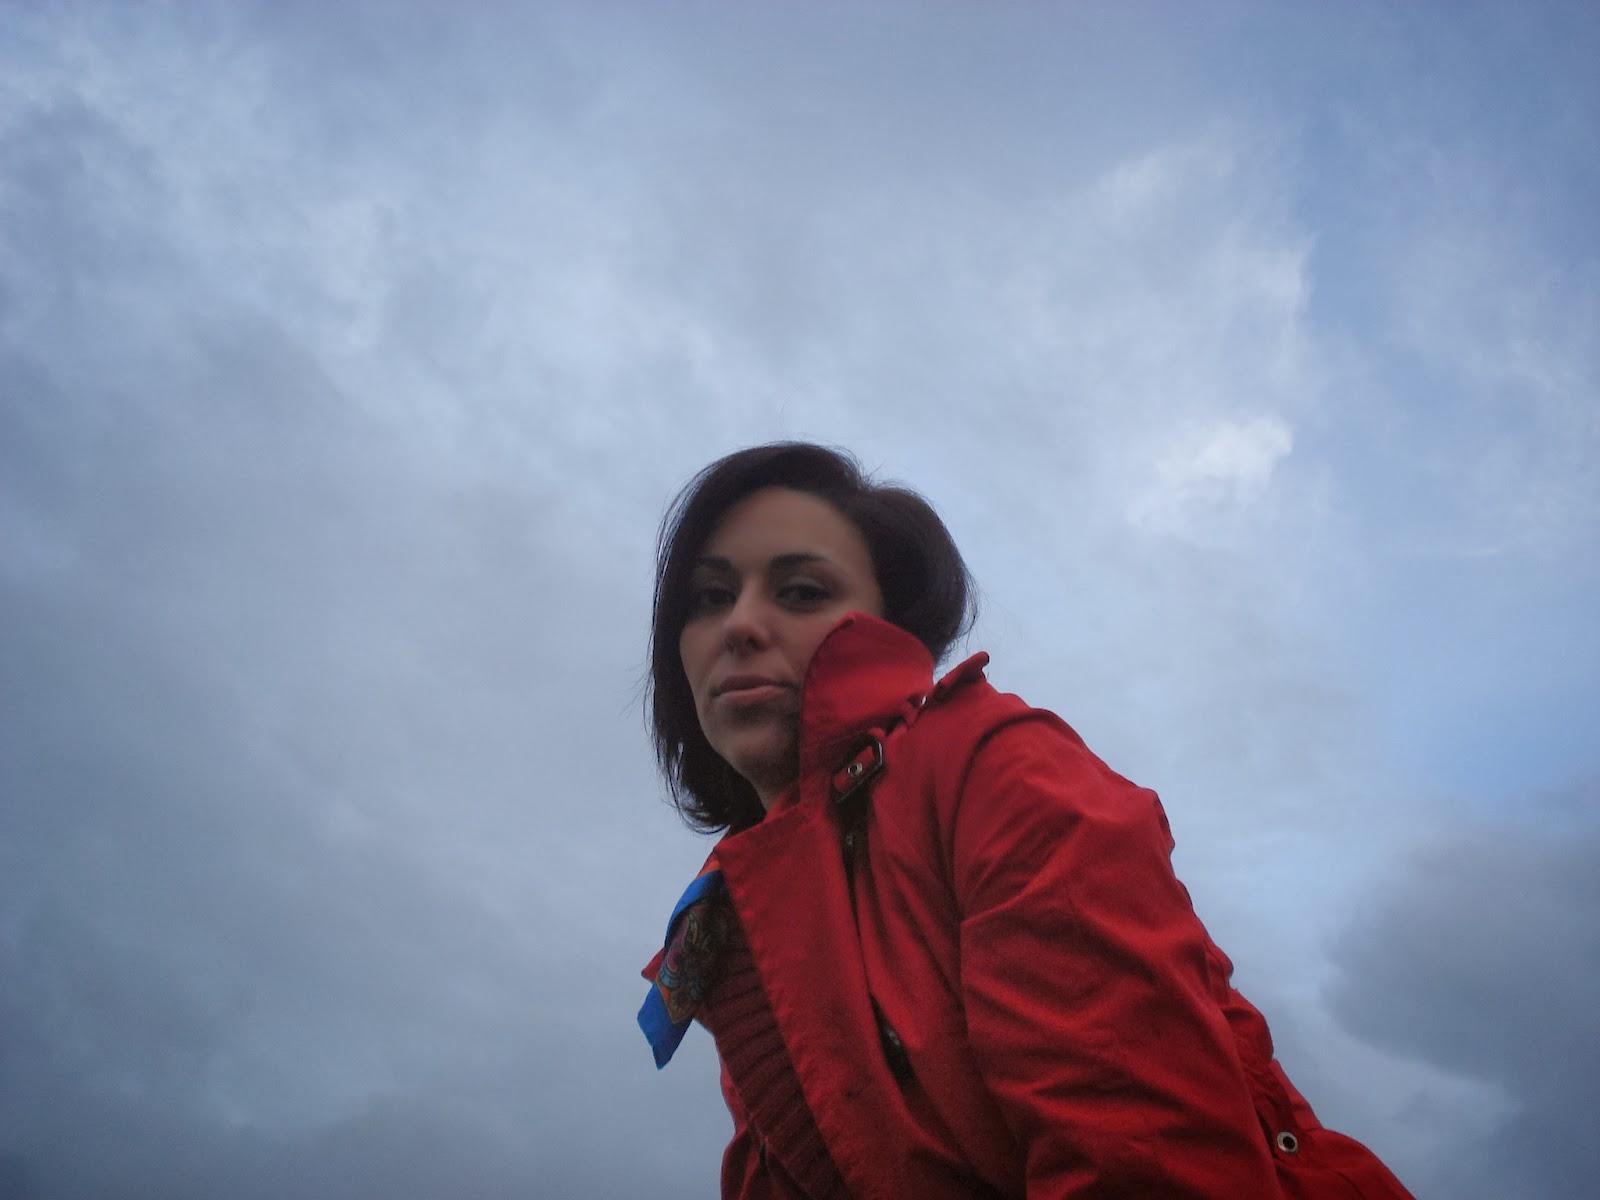 10, 2014, blog, blogue, blogger, top, moda, sapatinho, summer, verão, look